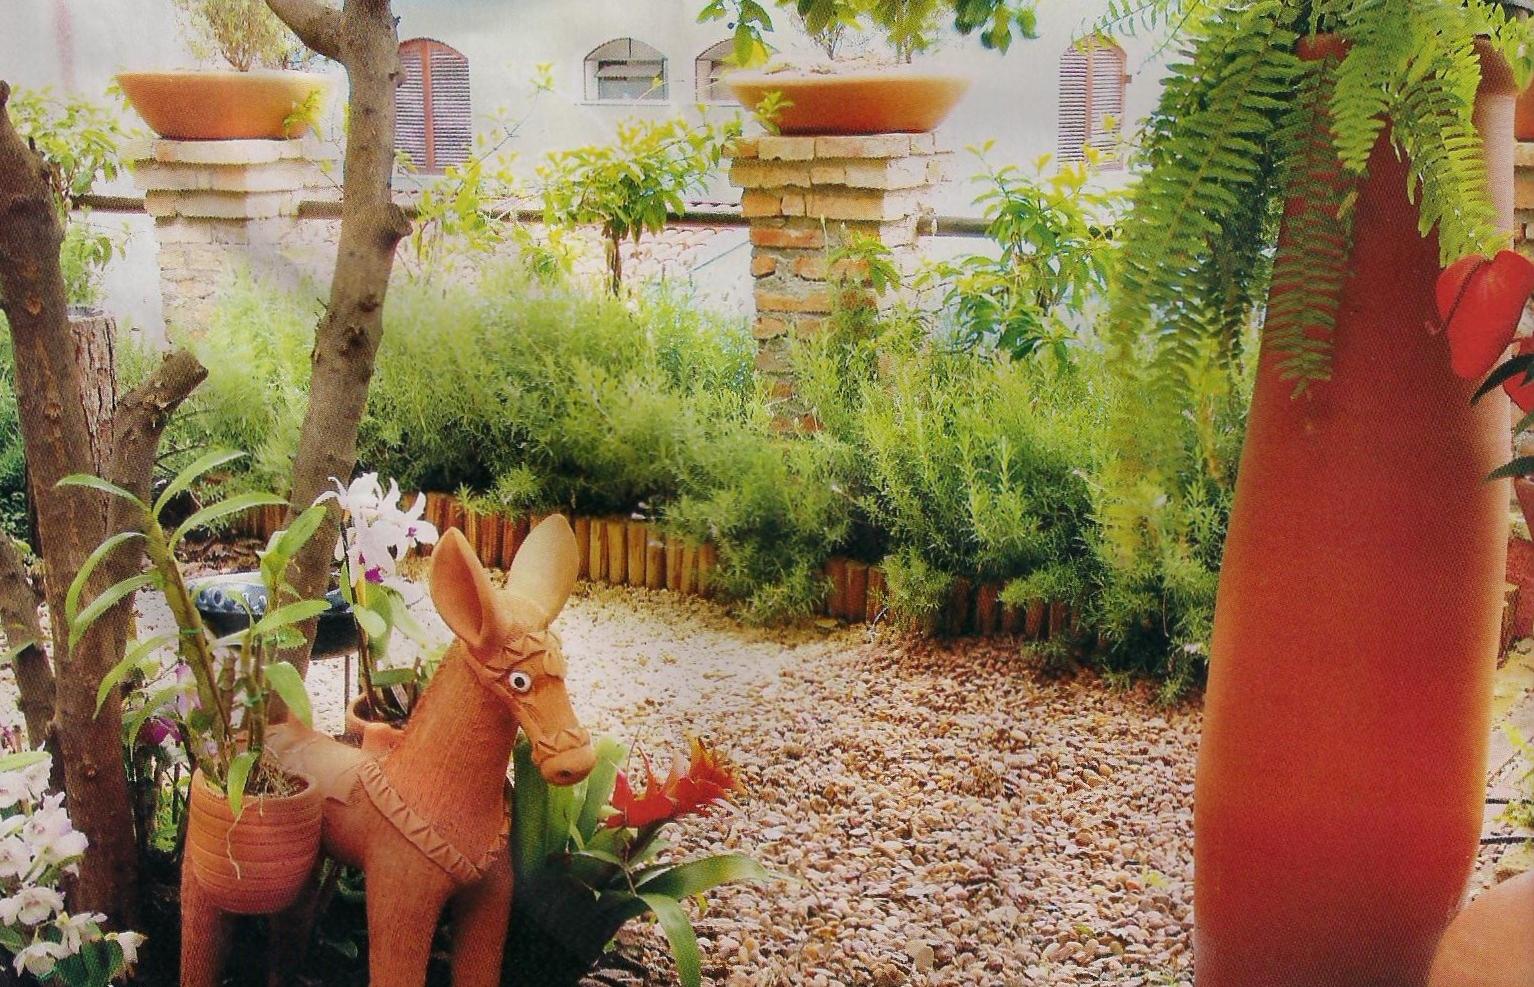 #A43827 FENG SHUI CIÊNCIA MILENAR CHINESA DE HARMONIZAÇÃO DE AMBIENTES  1534x987 px plantas para banheiro feng shui